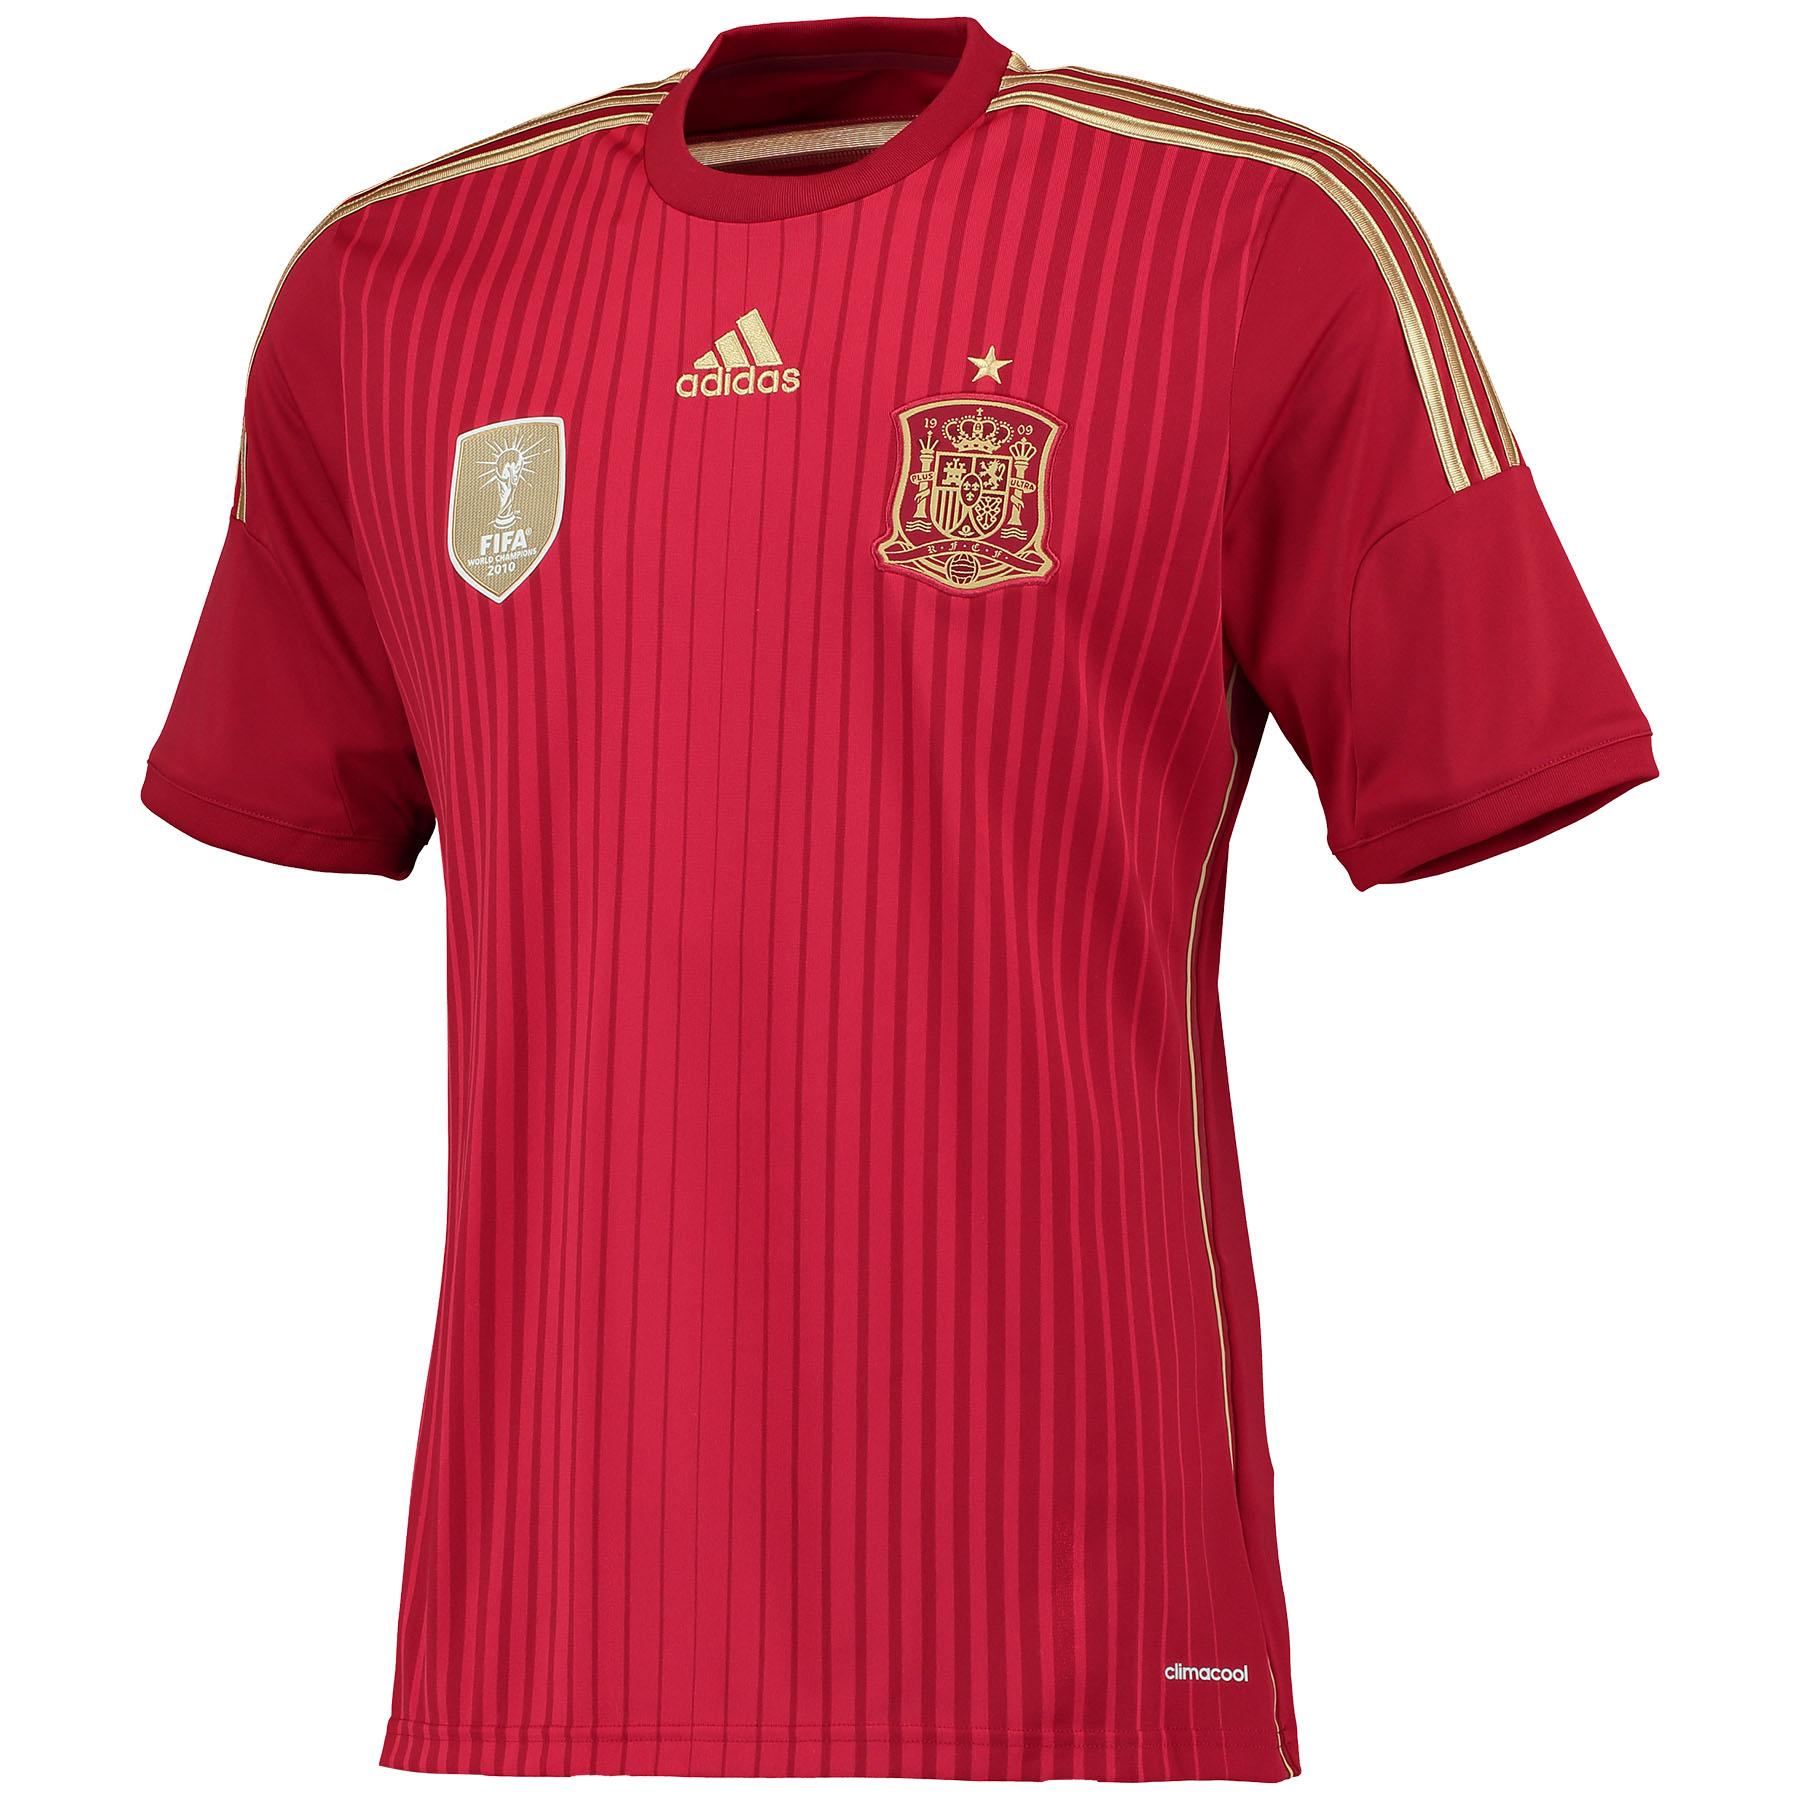 Spain Home Shirt 2014